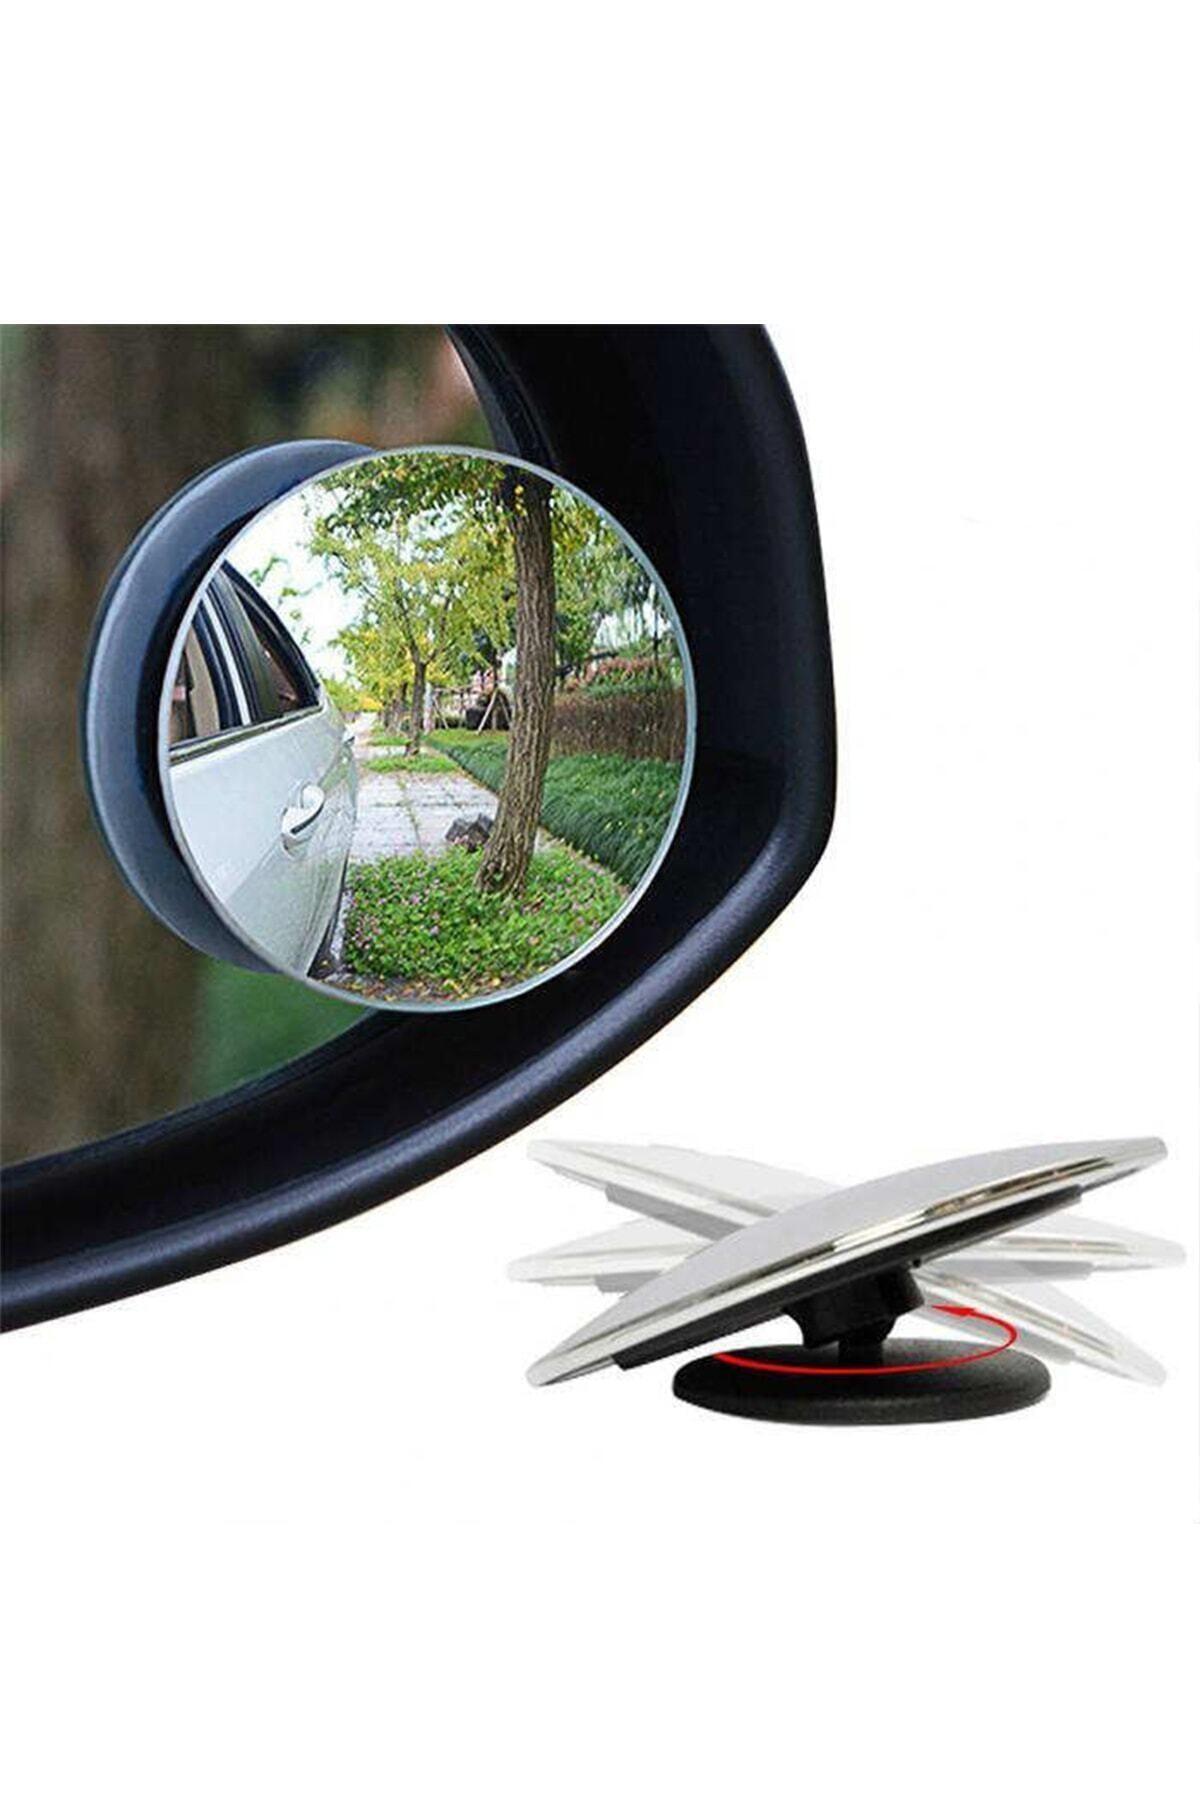 GD 24 Oto Kör Nokta Aynası Gerçek Ayna Yuvarlak 55 Mm Oynar 2 Adet Yüksek Kalite Ve Ince Tasarım Dışbükey 1